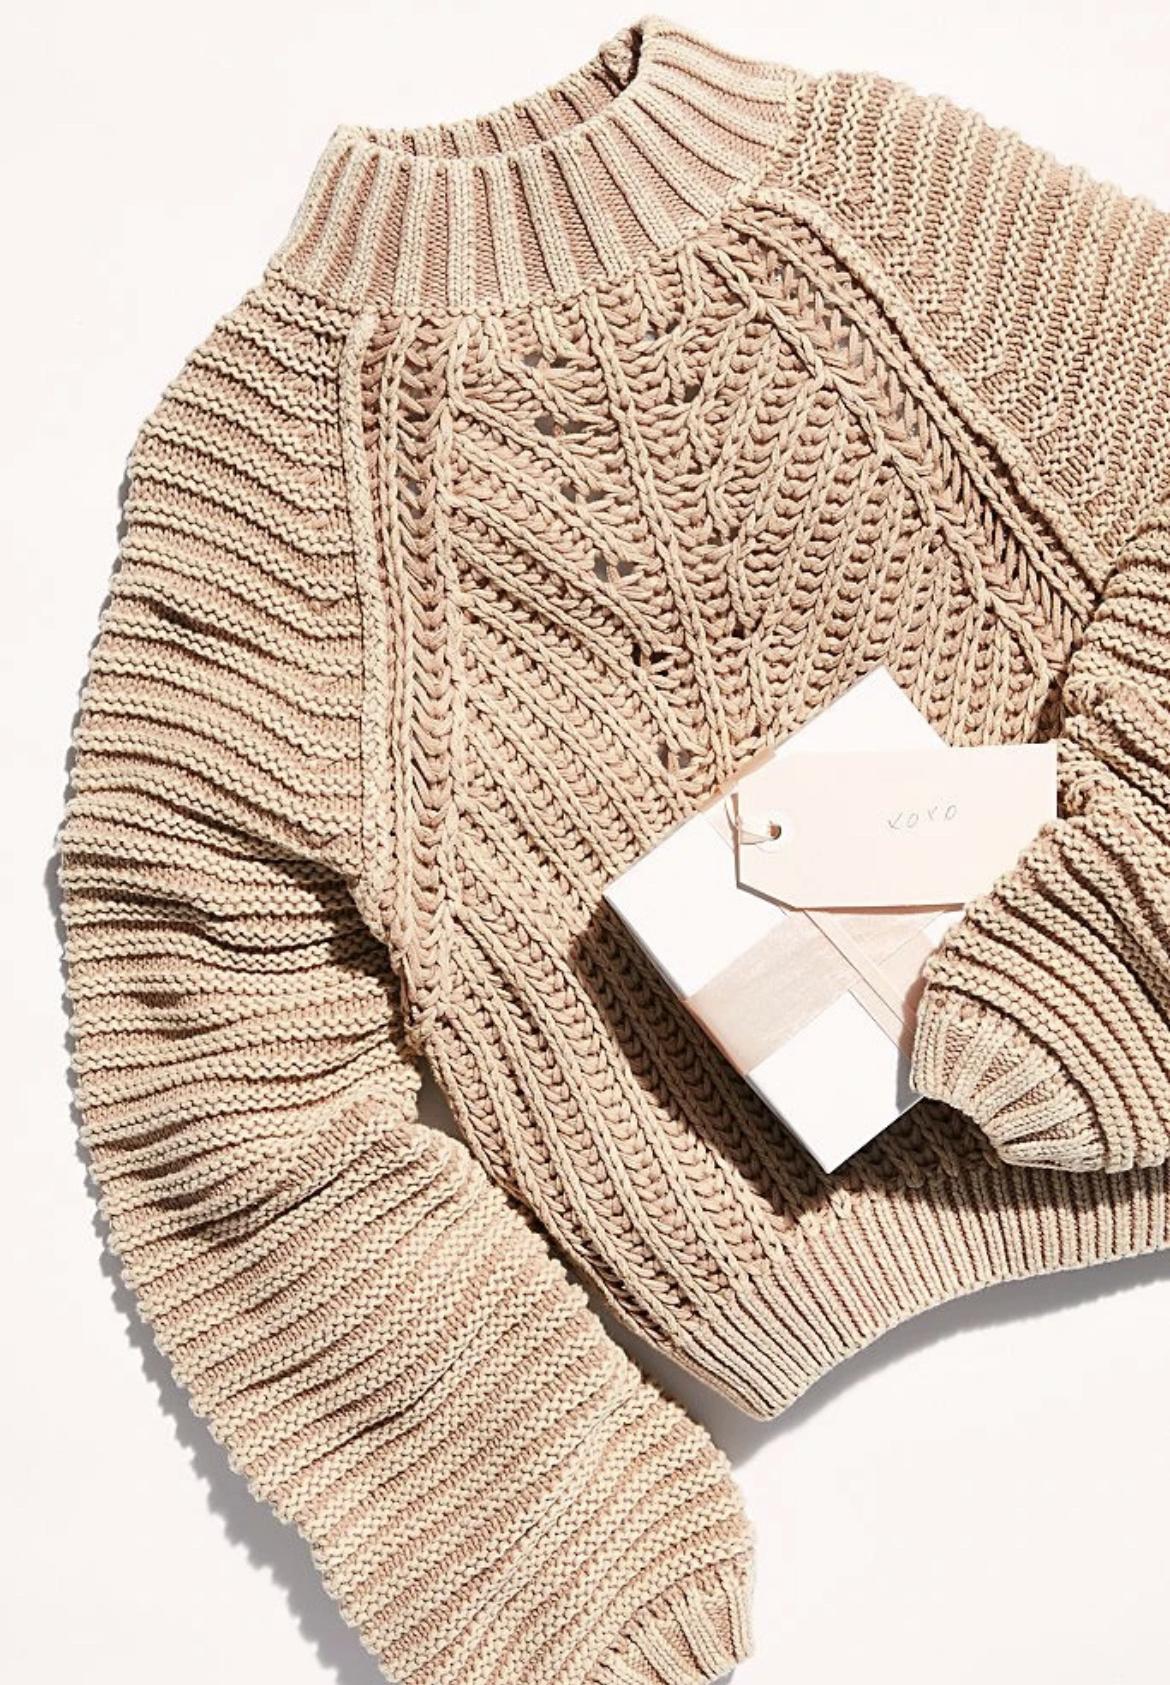 Free People Sweetheart Sweater - Sandcastle